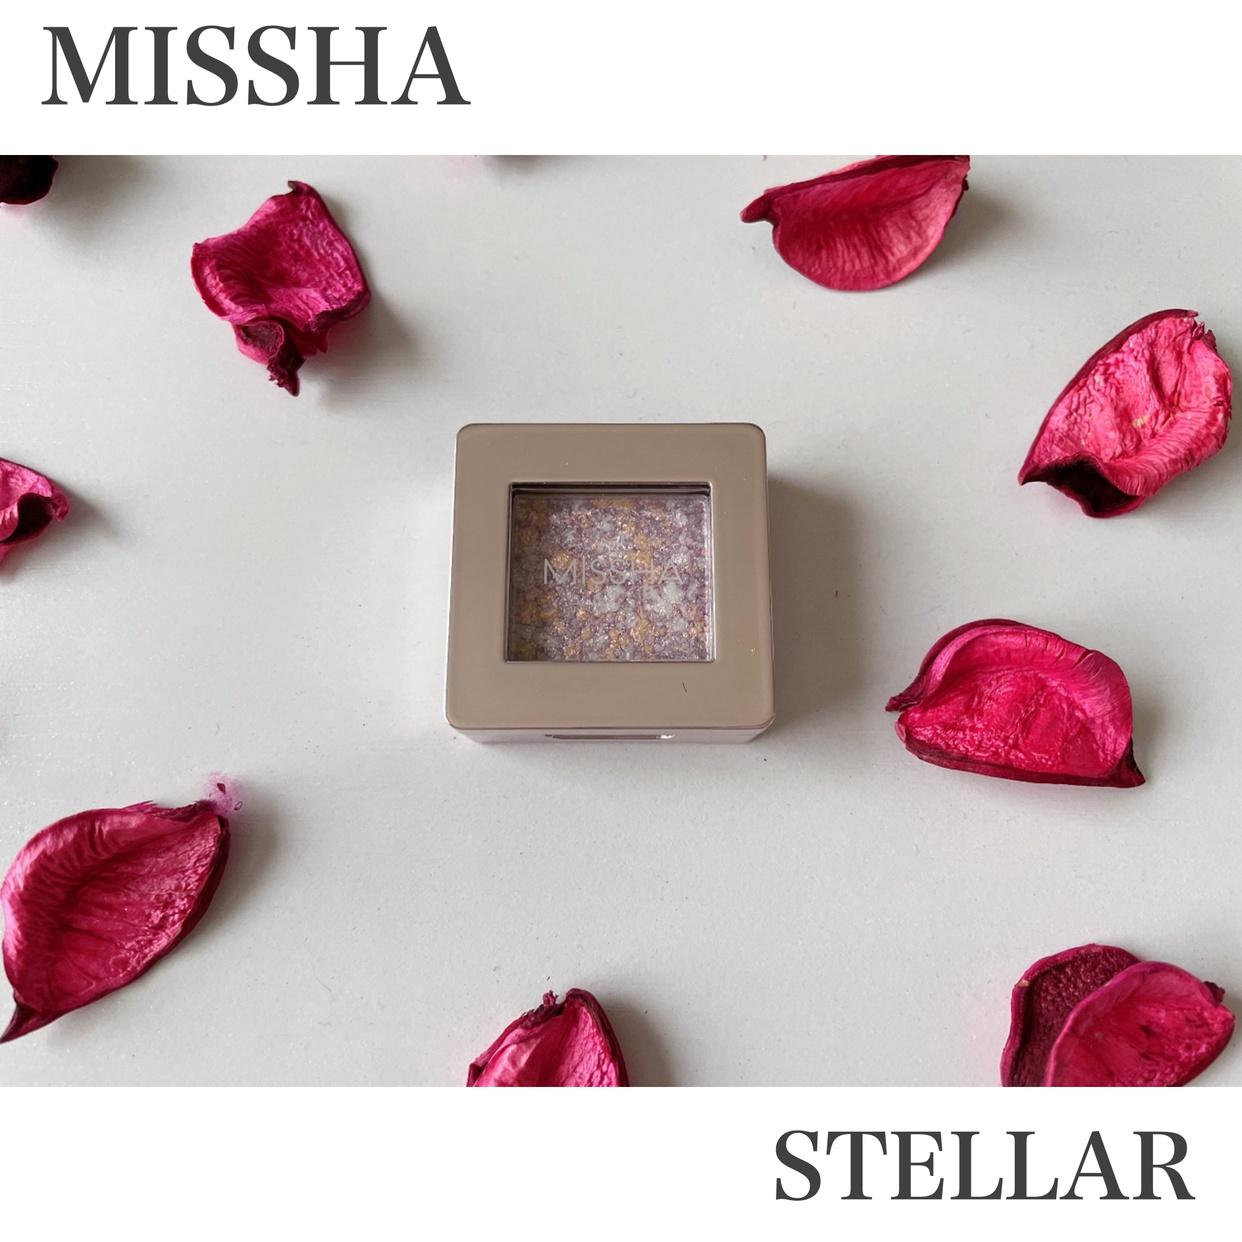 MISSHA(ミシャ) グリッタープリズム シャドウを使ったmaa_kさんのクチコミ画像1